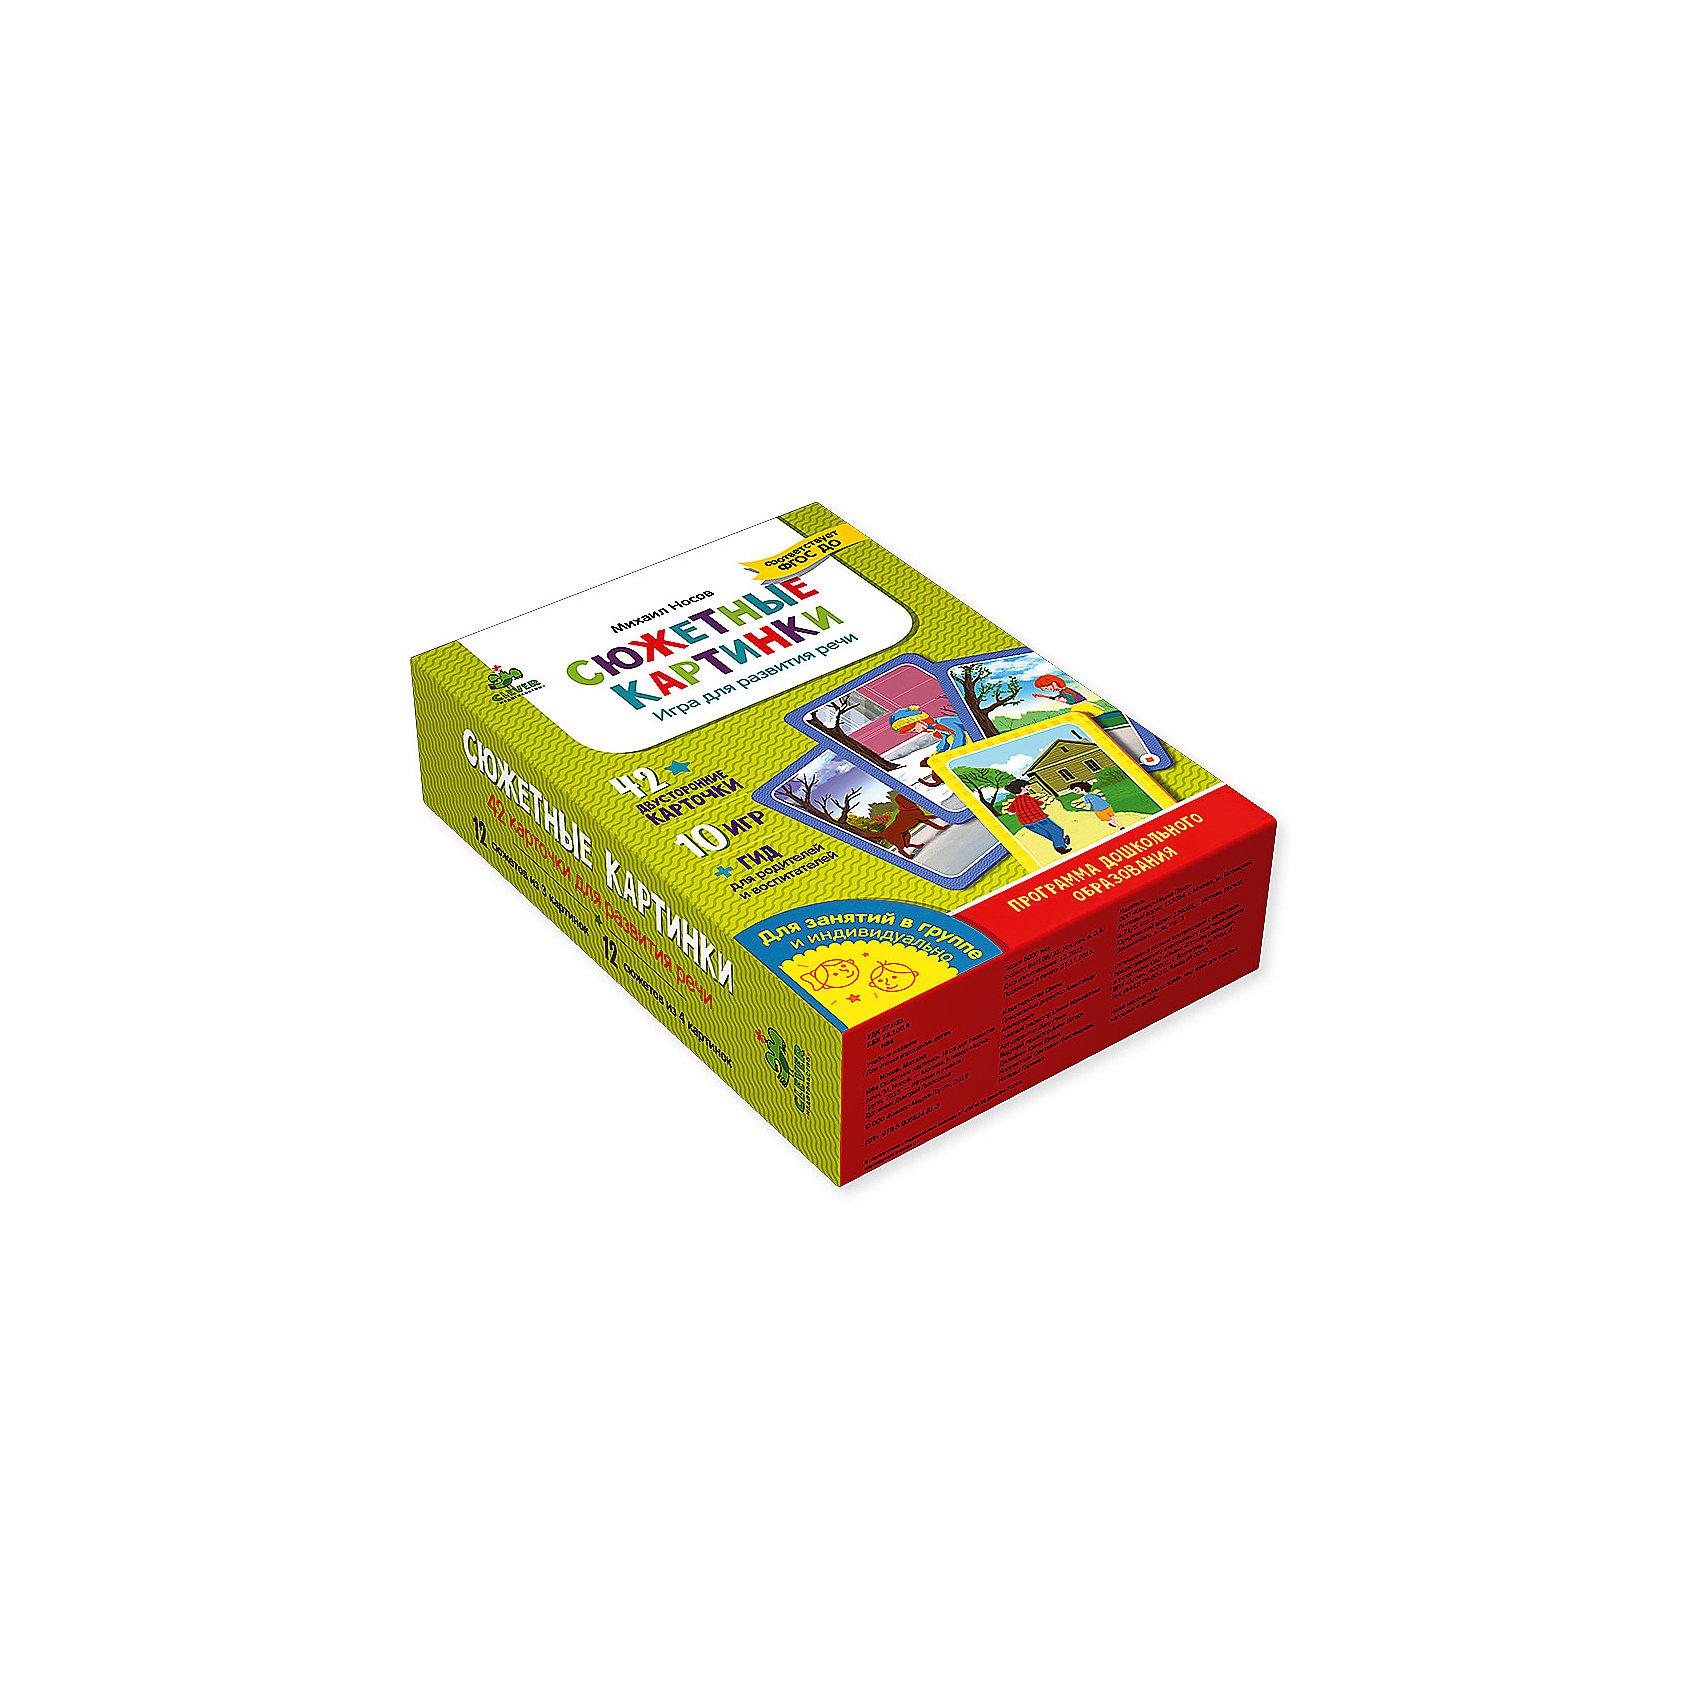 Игра для развития речи Сюжетные картинки, М. НосовКниги для развития речи<br>Игра для развития речи Сюжетные картинки, М. Носов<br><br>Характеристики:<br><br>• ISBN: 978-5-906824-81-3<br>• Кол-во страниц: 84<br>• Возраст: от 4 лет<br>• Формат: а4<br>• Размер книги: 176x125x45 мм<br>• Бумага: картон<br>• Вес: 900 г<br>• Обложка: картонная коробка<br><br>Образная, яркая, логично построенная речь - основной показатель интеллектуального уровня развития ребенка. Данная книга, состоящая из разнообразных проиллюстрированных карточек с разнообразными сюжетами – позволит родителям или воспитателям детских садов эффективно работать над развитием речи ребенка. В наборе содержится подробная пошаговая инструкция, 10 сценариев для проведения развивающих занятий, 12 сюжетов из 3 картинок и 12 сюжетов из 4 картинок.<br> <br>Игра для развития речи Сюжетные картинки, М. Носов можно купить в нашем интернет-магазине.<br><br>Ширина мм: 175<br>Глубина мм: 125<br>Высота мм: 10<br>Вес г: 900<br>Возраст от месяцев: 48<br>Возраст до месяцев: 72<br>Пол: Унисекс<br>Возраст: Детский<br>SKU: 5377766